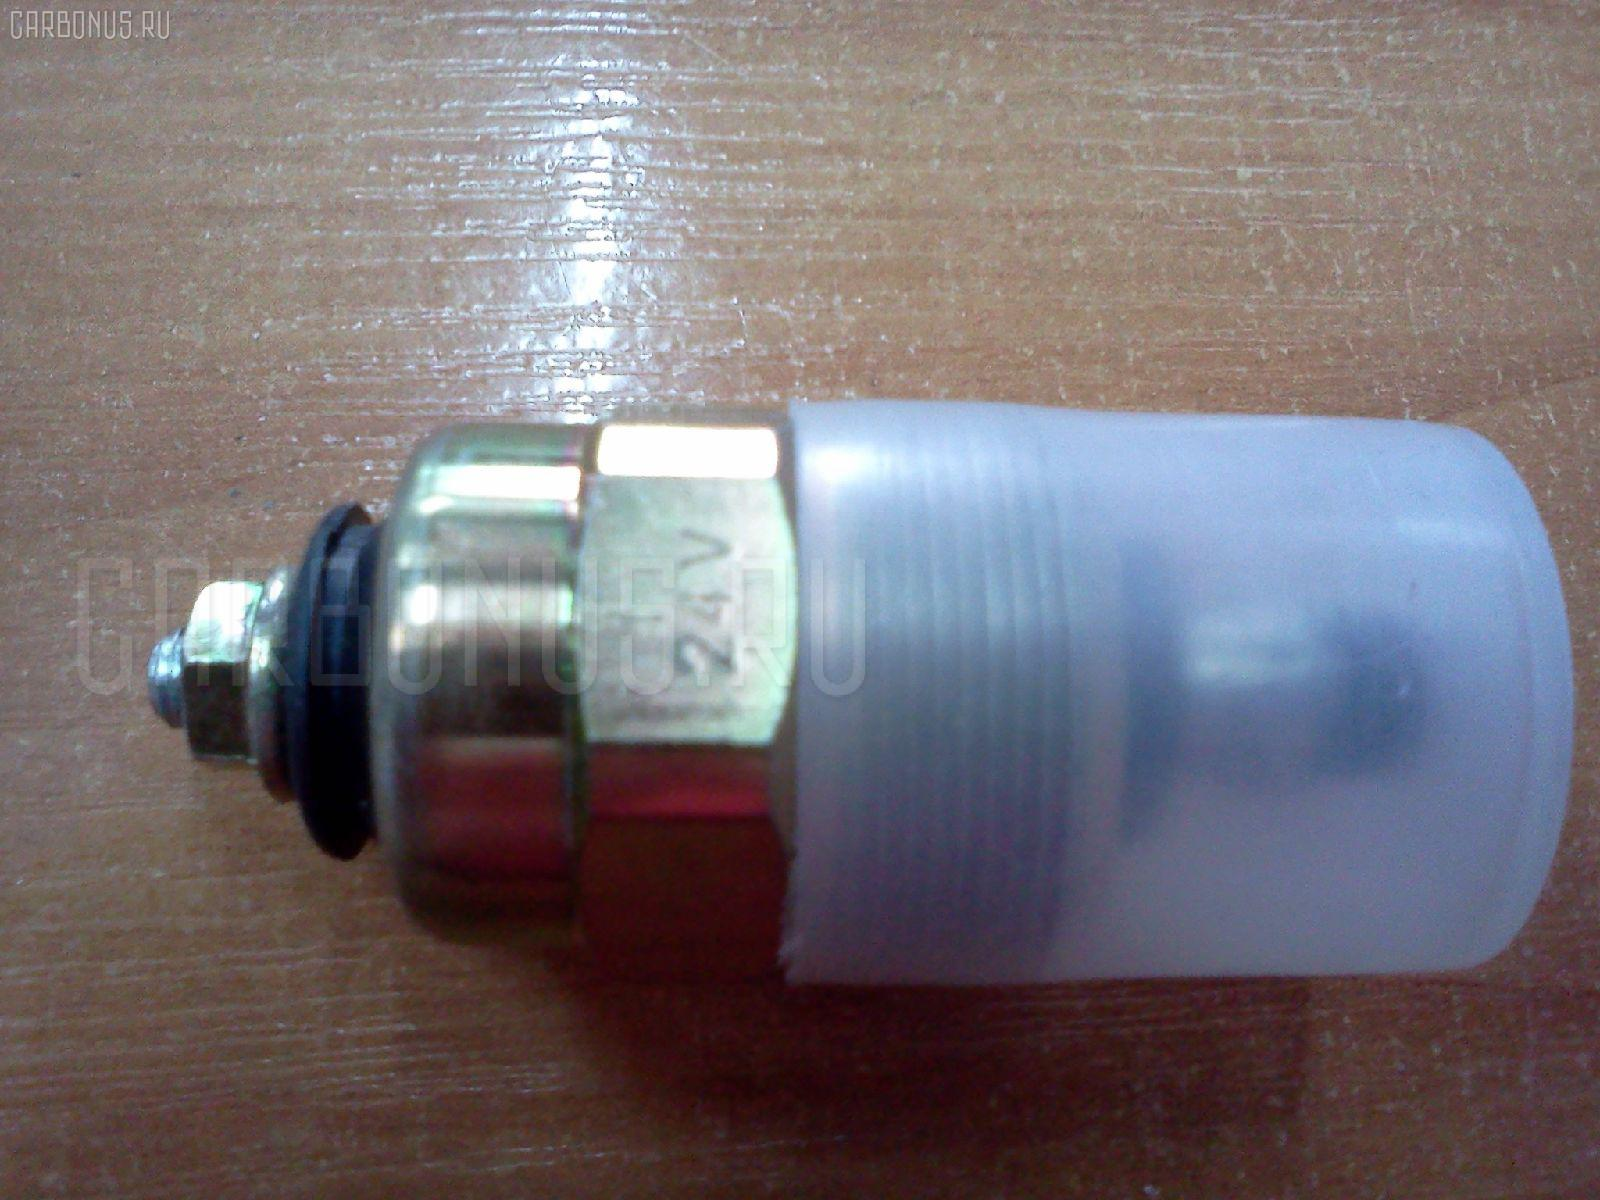 Клапан топливной аппаратуры Isuzu Elf 4HF1 Фото 1